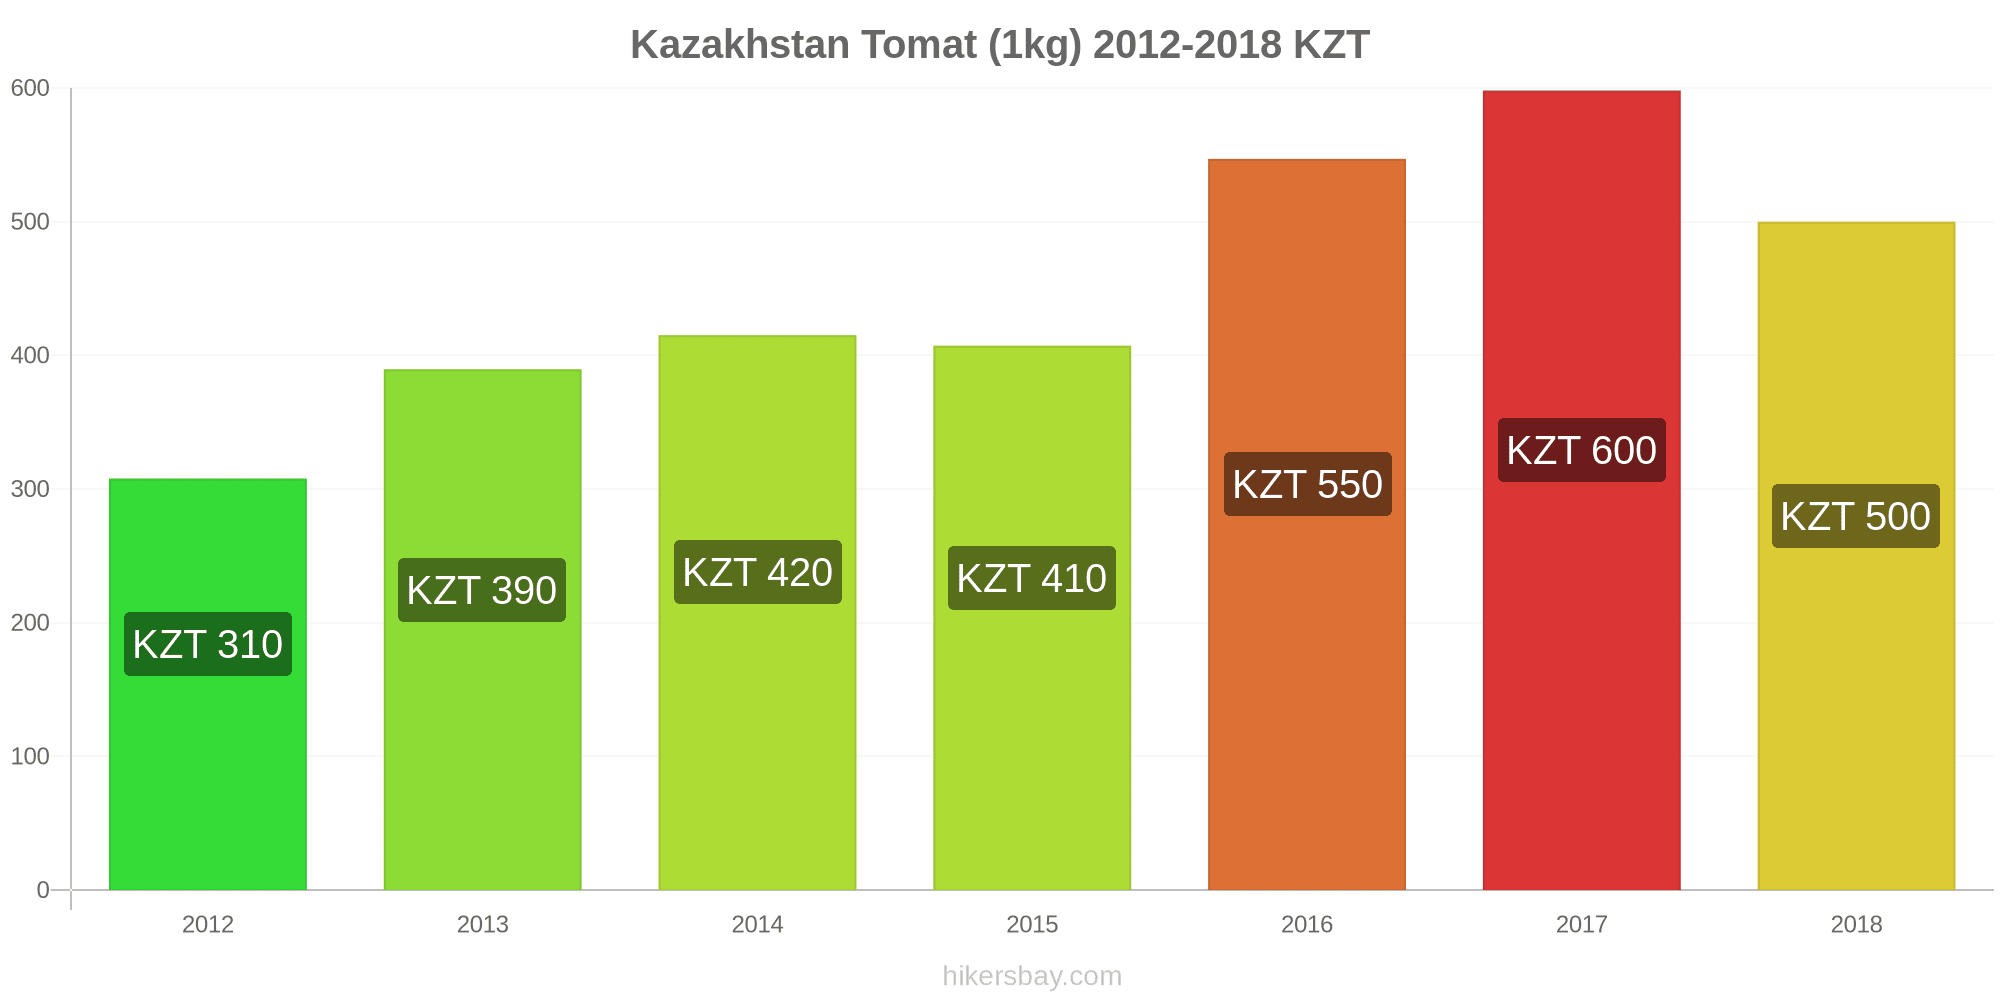 Harga Di Kazakhstan Maret 2021 Harga Di Restoran Harga Makanan Dan Minuman Transportasi Bahan Bakar Apartemen Hotel Supermarket Pakaian Mata Uang